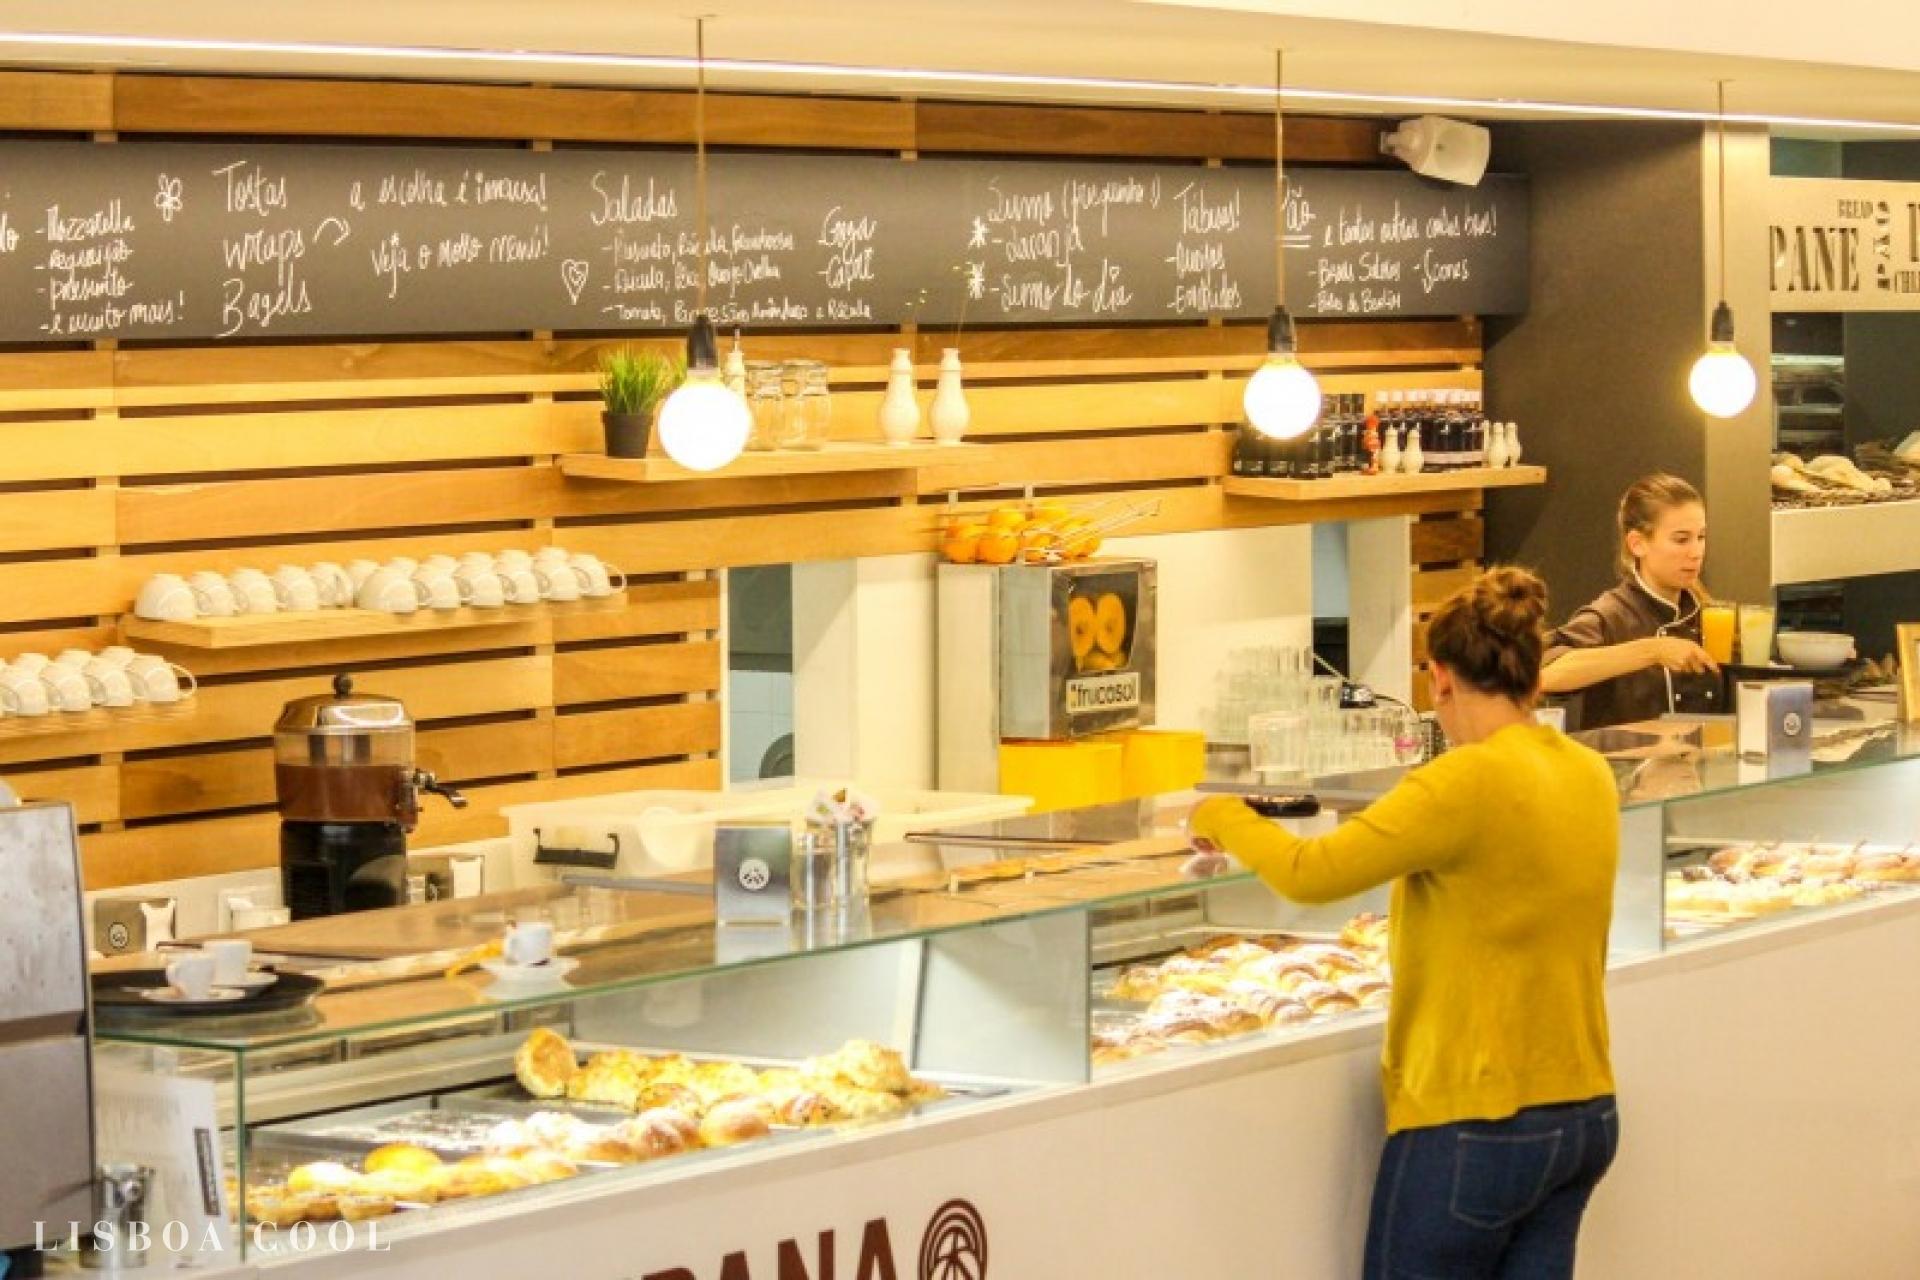 LisboaCool_Blog_Vai abrir um novo Choupana Caffe!